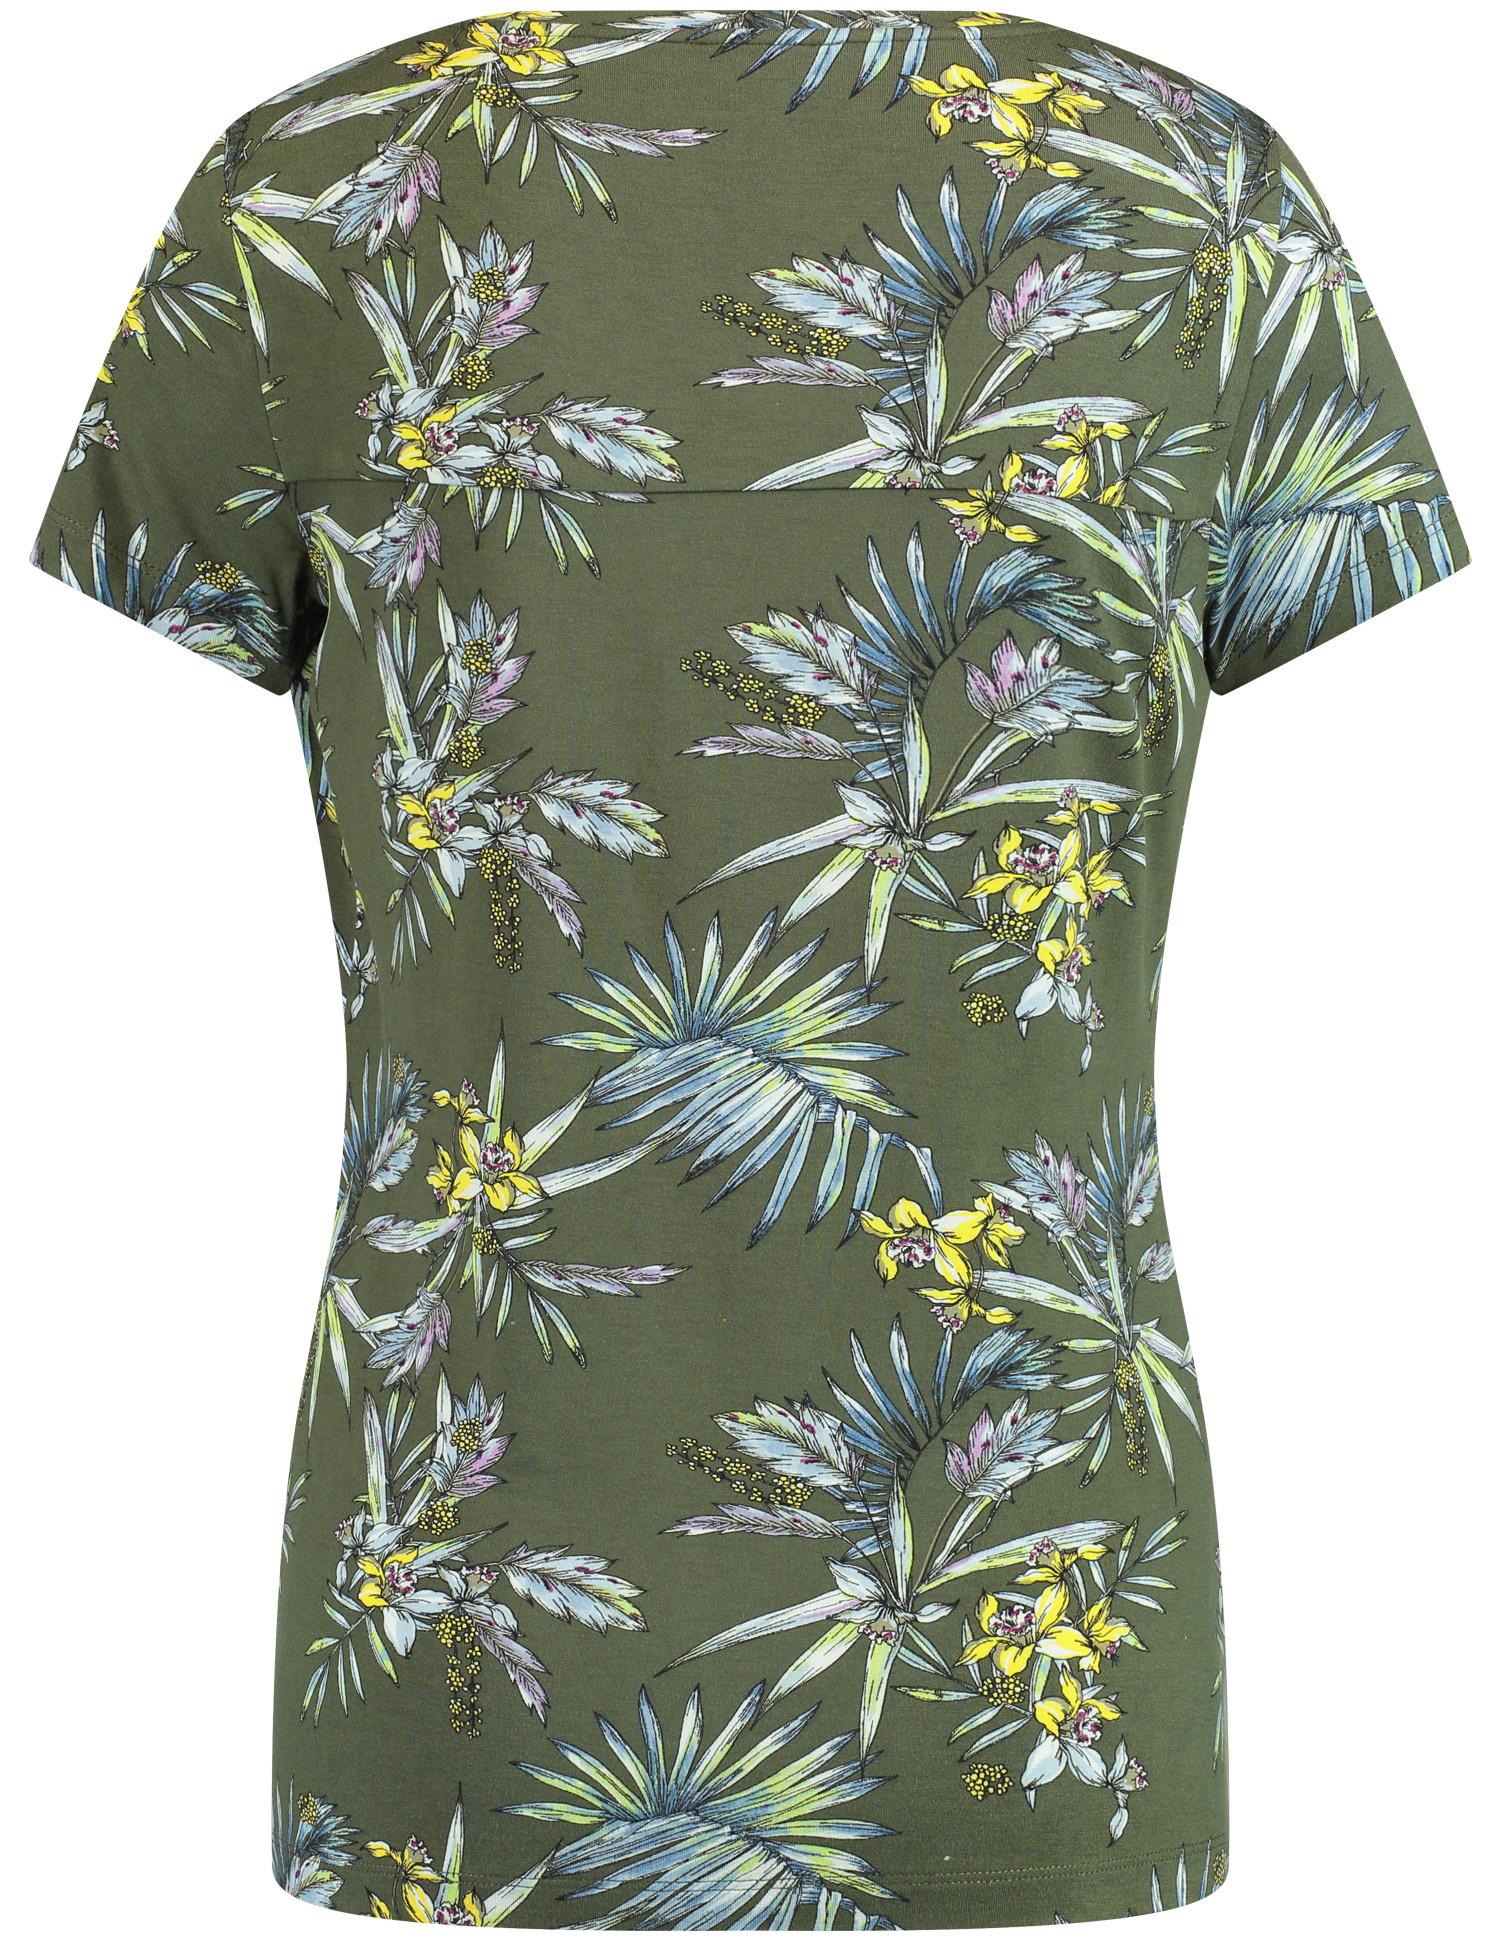 TAIFUN t-shirt imprimé-4